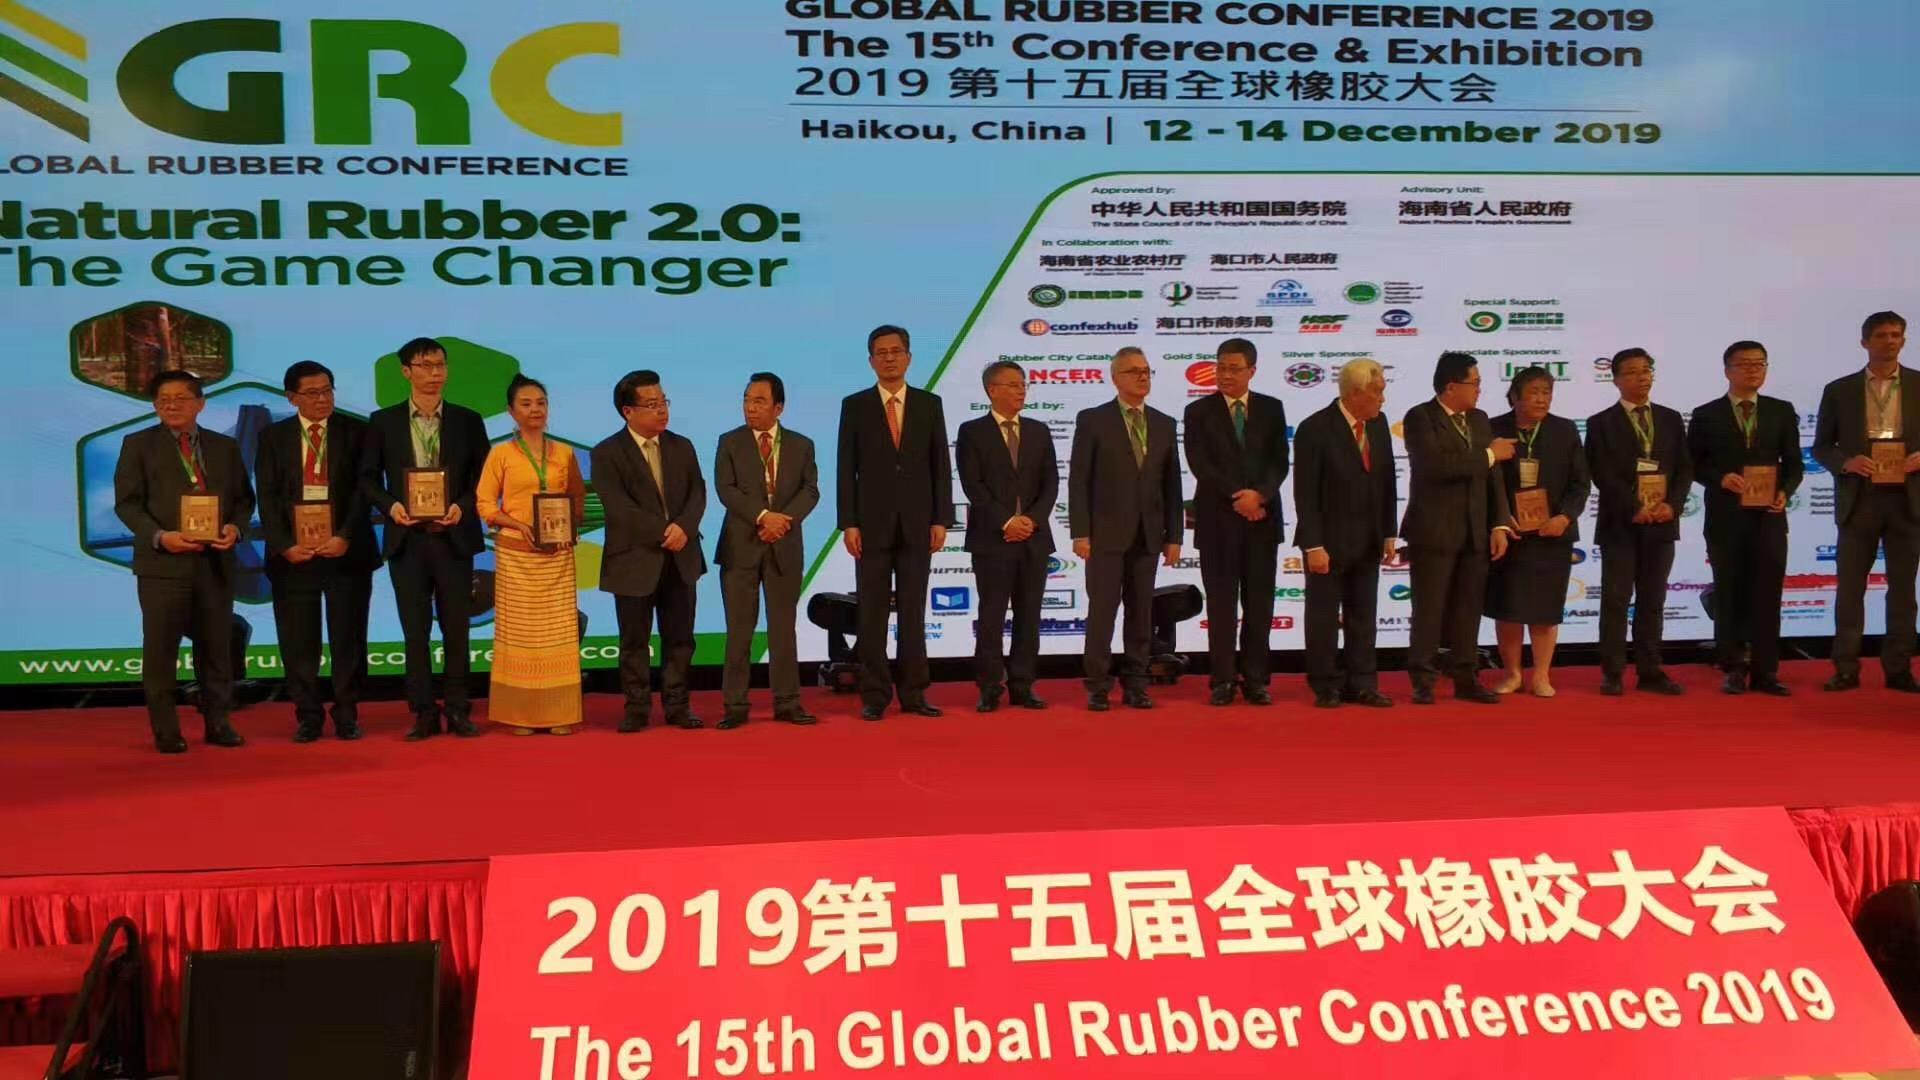 全球橡胶专家齐聚海口谋划产业振兴